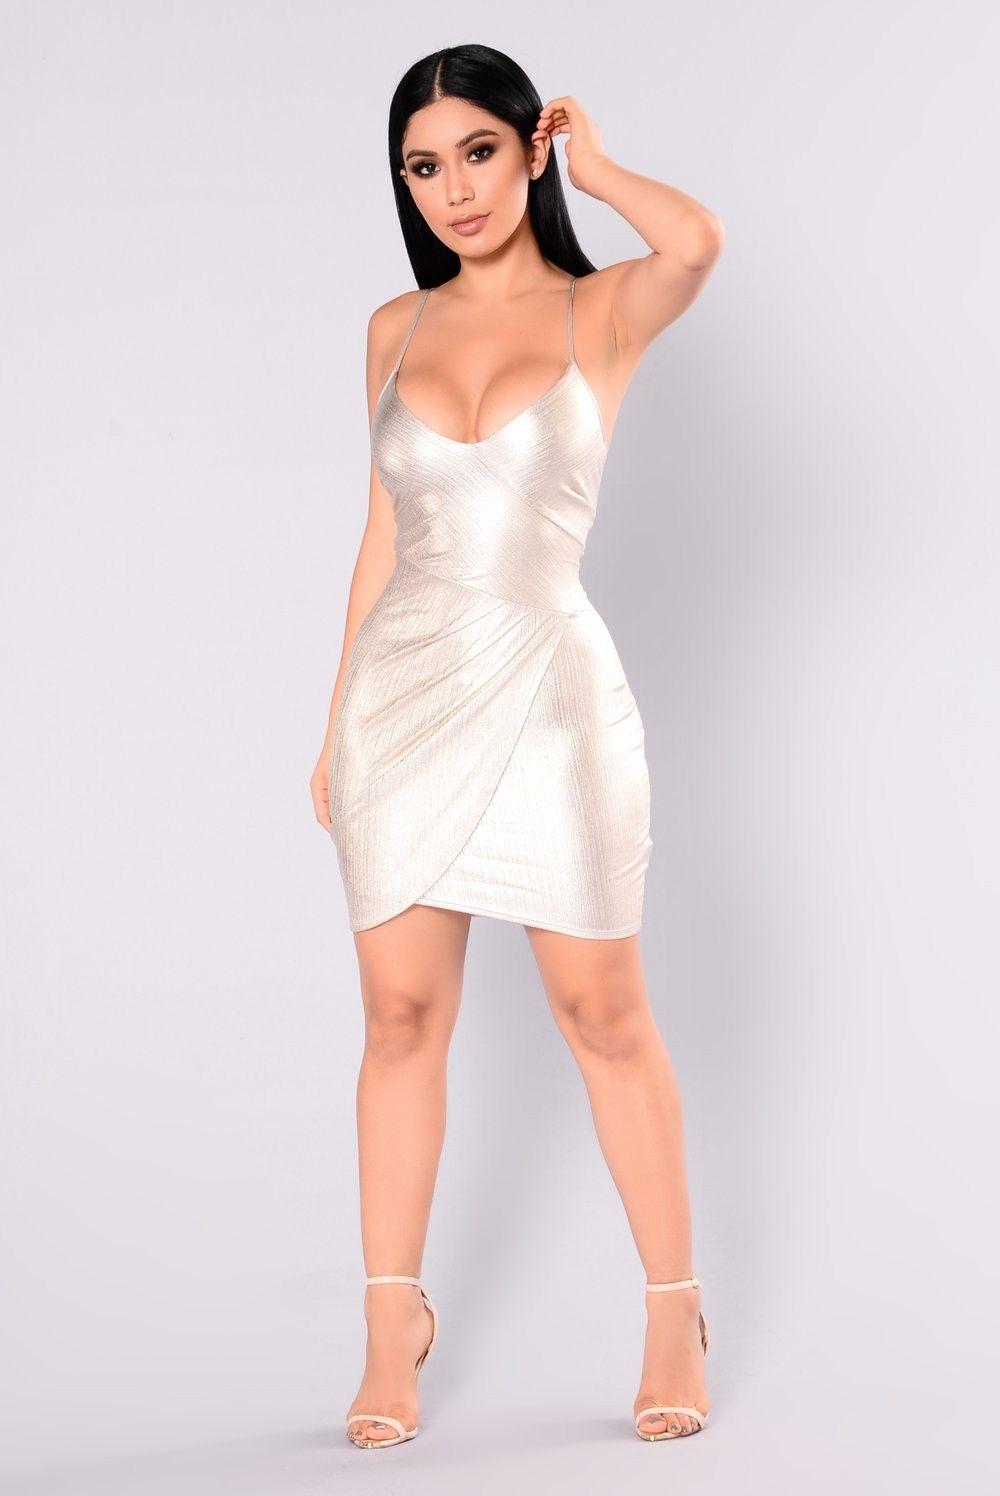 White Dress Fashion Nova Metallic dress, Fashion nova